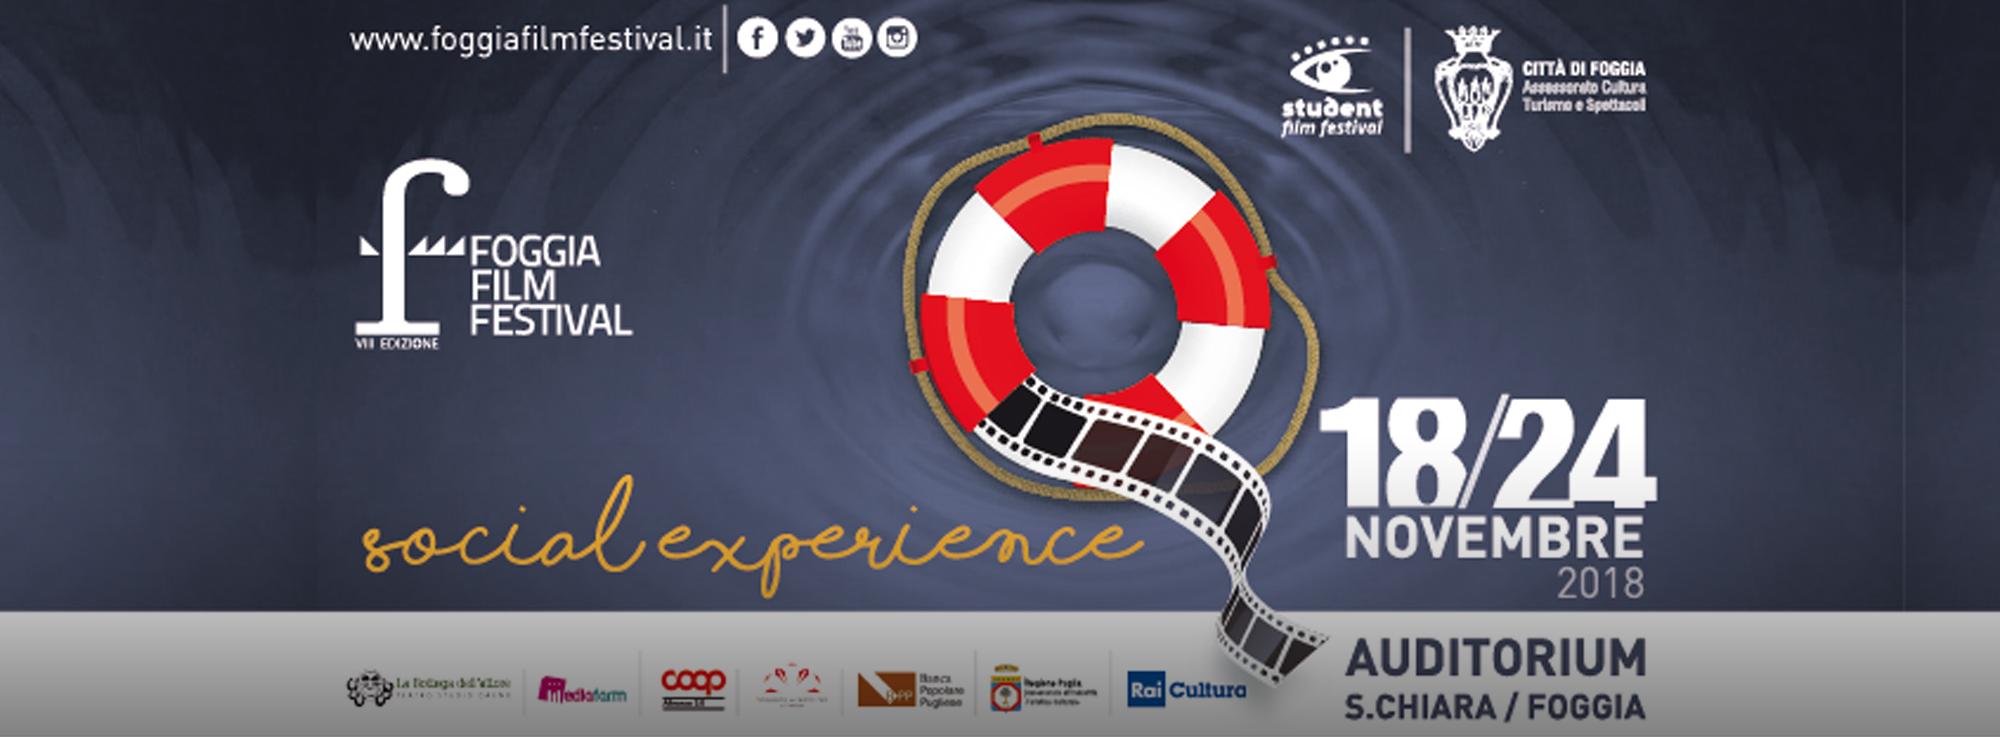 Foggia: Foggia Film Festival